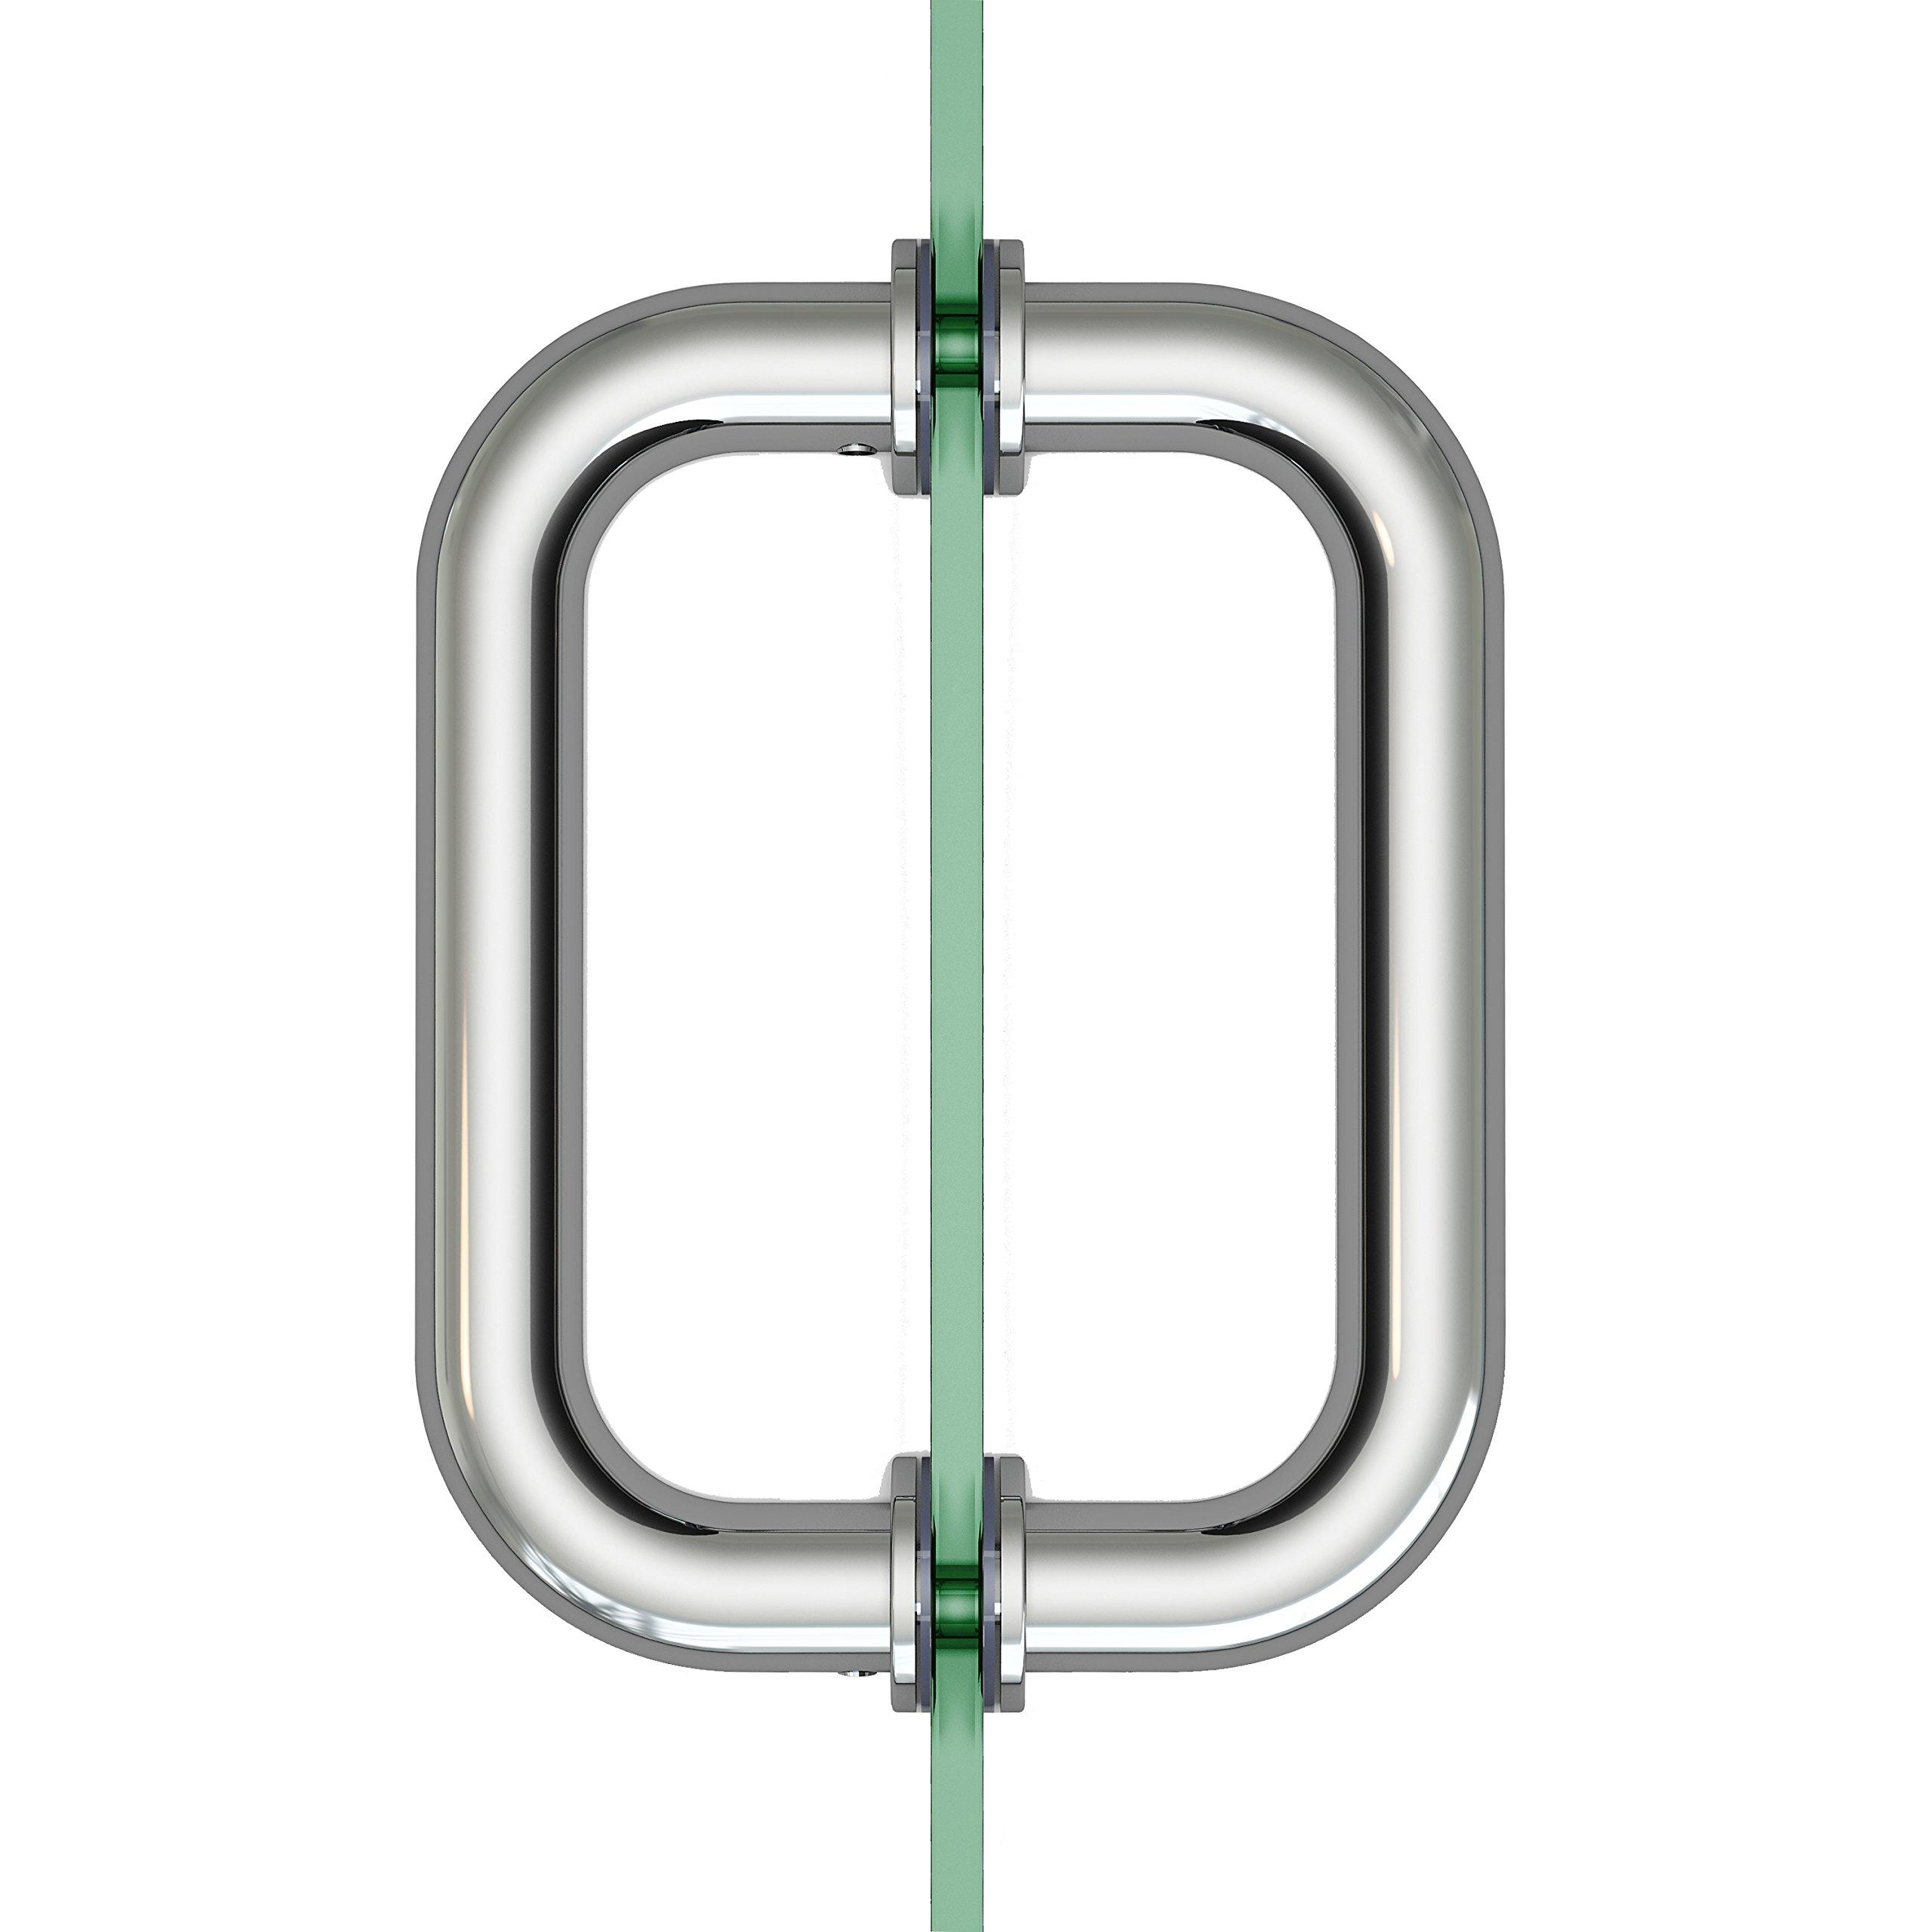 6'' Chrome Frameless Shower Glass Door Pull Handle Back to Back Stainless Steel